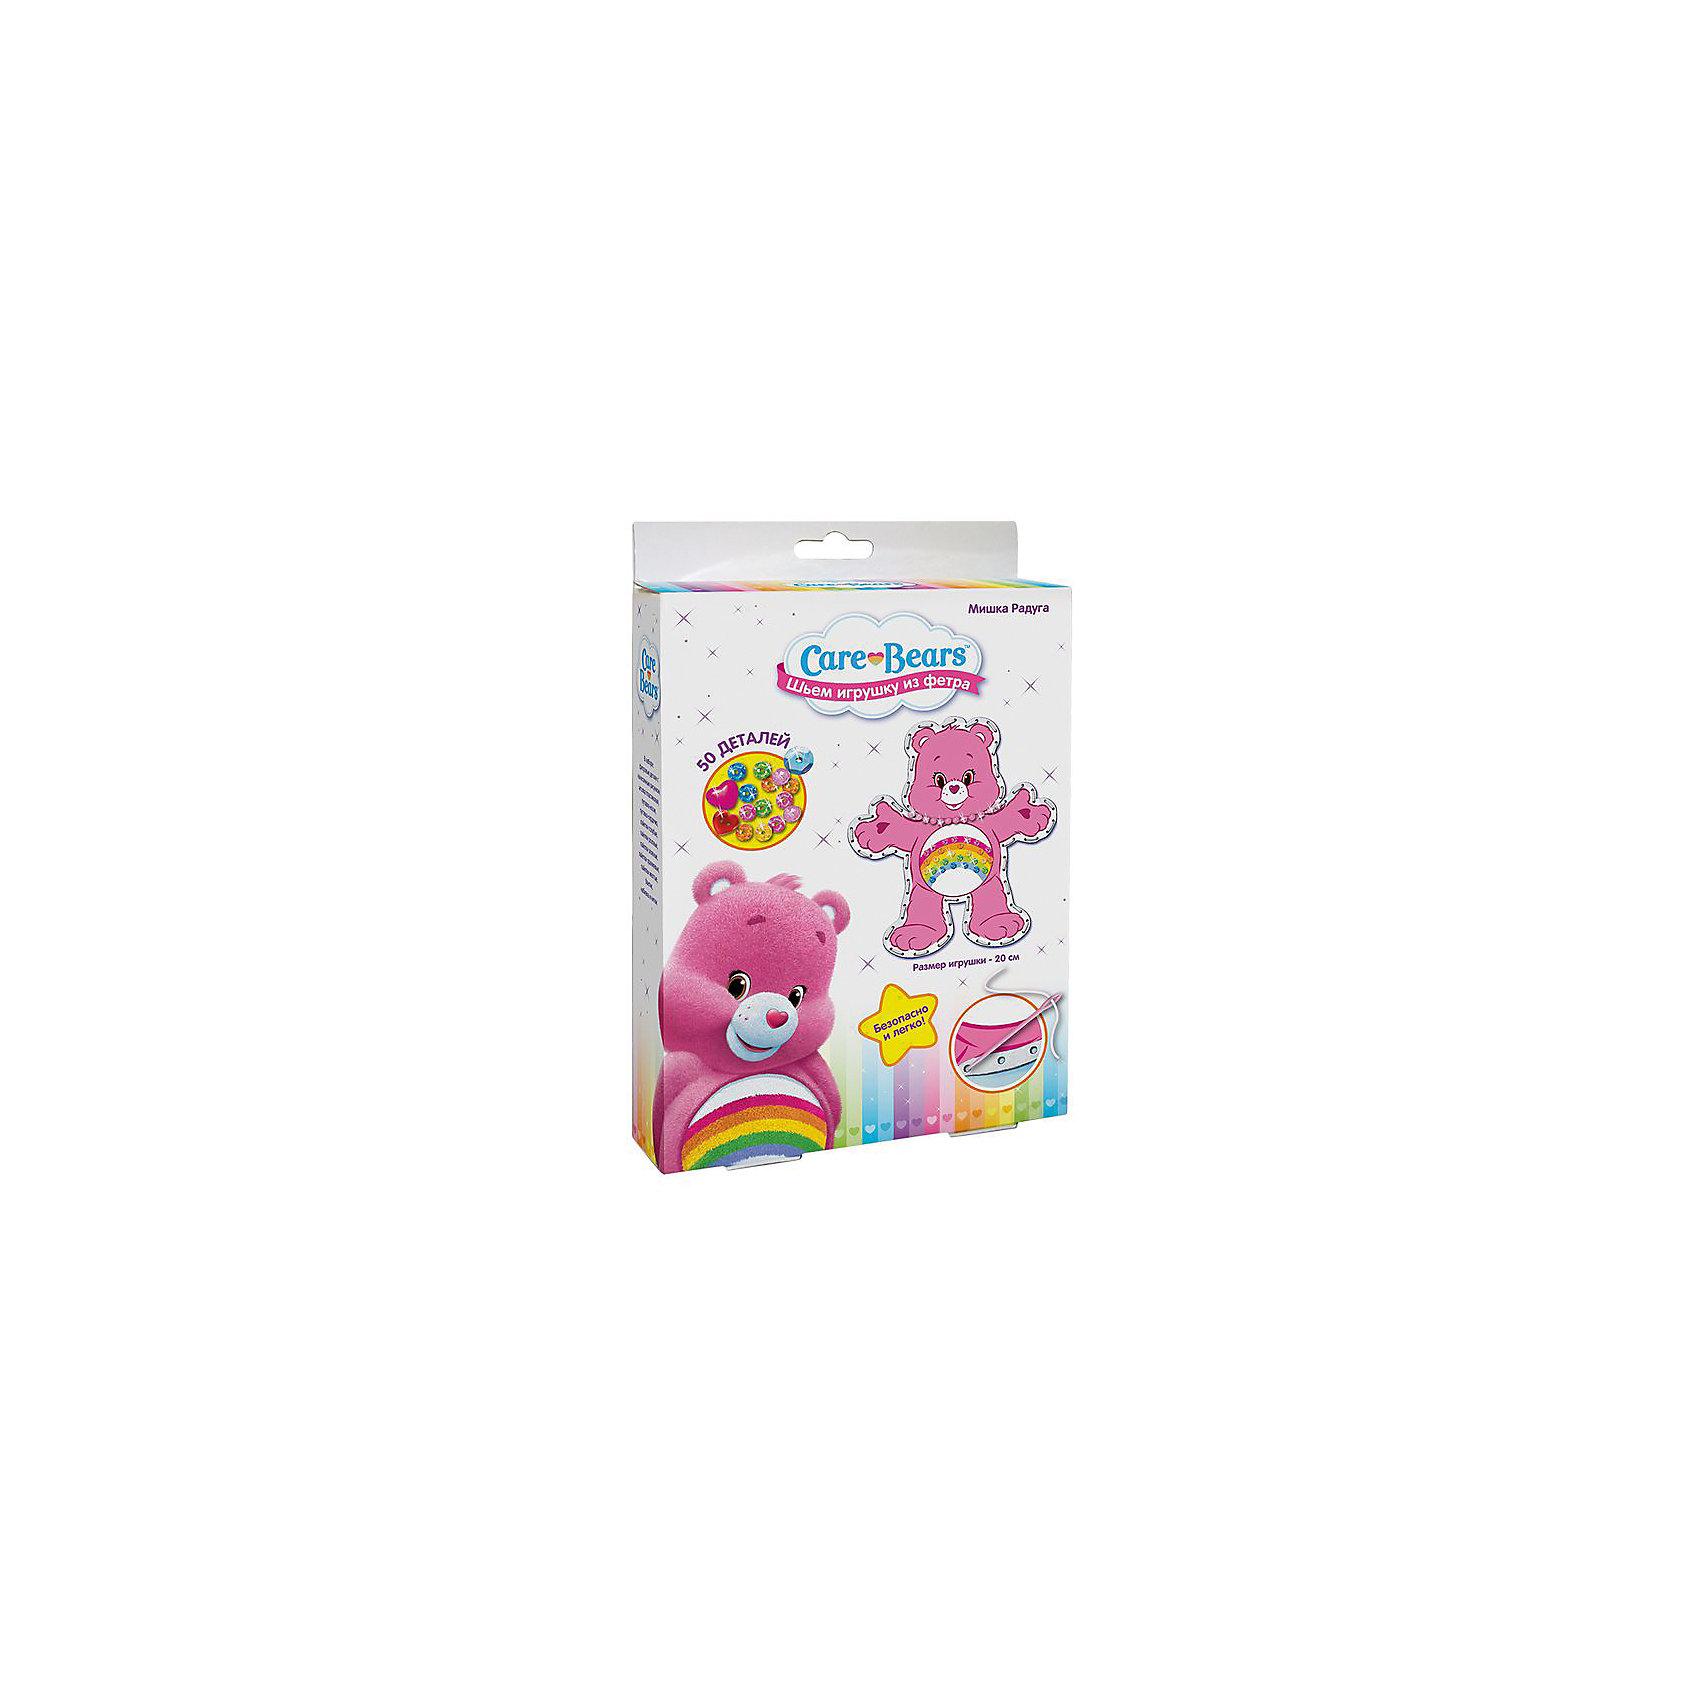 Шьем игрушку из фетра Мишка Радуга, Заботливые мишкиШитьё<br>Характеристики товара:<br><br>• комплектация: 2 фетровые детали с нанесенным рисунком и перфорацией для стежков, пластиковая безопасная иголка, пуговка-носик, пуговка-сердечко, 5 цветов пайеток, набивка, нитки<br>• размер готовой игрушки: 20 см<br>• упаковка: коробка<br>• возраст: от 5 лет<br>• состав: пластик, текстиль<br>• страна бренда: Россия<br>• страна изготовитель: Китай<br><br>Украсьте фетровые детали блестящими пайетками, пришейте глазки и носик, а затем сложите выкройки белой стороной внутрь, совмещая контур фигурки. Вденьте нитку в иголку и начните обшивать контур туловища, набивая сначала ручки и ножки. Постепенно наполняйте всю игрушку и, закончив, закрепите нить узелком. <br><br>В наборе для шитья игрушки из фетра Мишка Радуга TM Care Bears 50 деталей: 2 фетровые детали с нанесенным рисунком и перфорацией для стежков, пластиковая безопасная иголка, пуговка-носик, пуговка-сердечко, 5 цветов пайеток (голубые, розовые, зеленые, оранжевые, желтые), бантик, набивка, нитки. Детали легко сшиваются безопасной иголкой. Размер готовой игрушки: 20 см. <br><br>Шьем игрушку из фетра Мишка Радуга, Заботливые мишки, вы можете приобрести в нашем интернет-магазине.<br><br>Ширина мм: 230<br>Глубина мм: 170<br>Высота мм: 40<br>Вес г: 100<br>Возраст от месяцев: 60<br>Возраст до месяцев: 2147483647<br>Пол: Женский<br>Возраст: Детский<br>SKU: 5453387